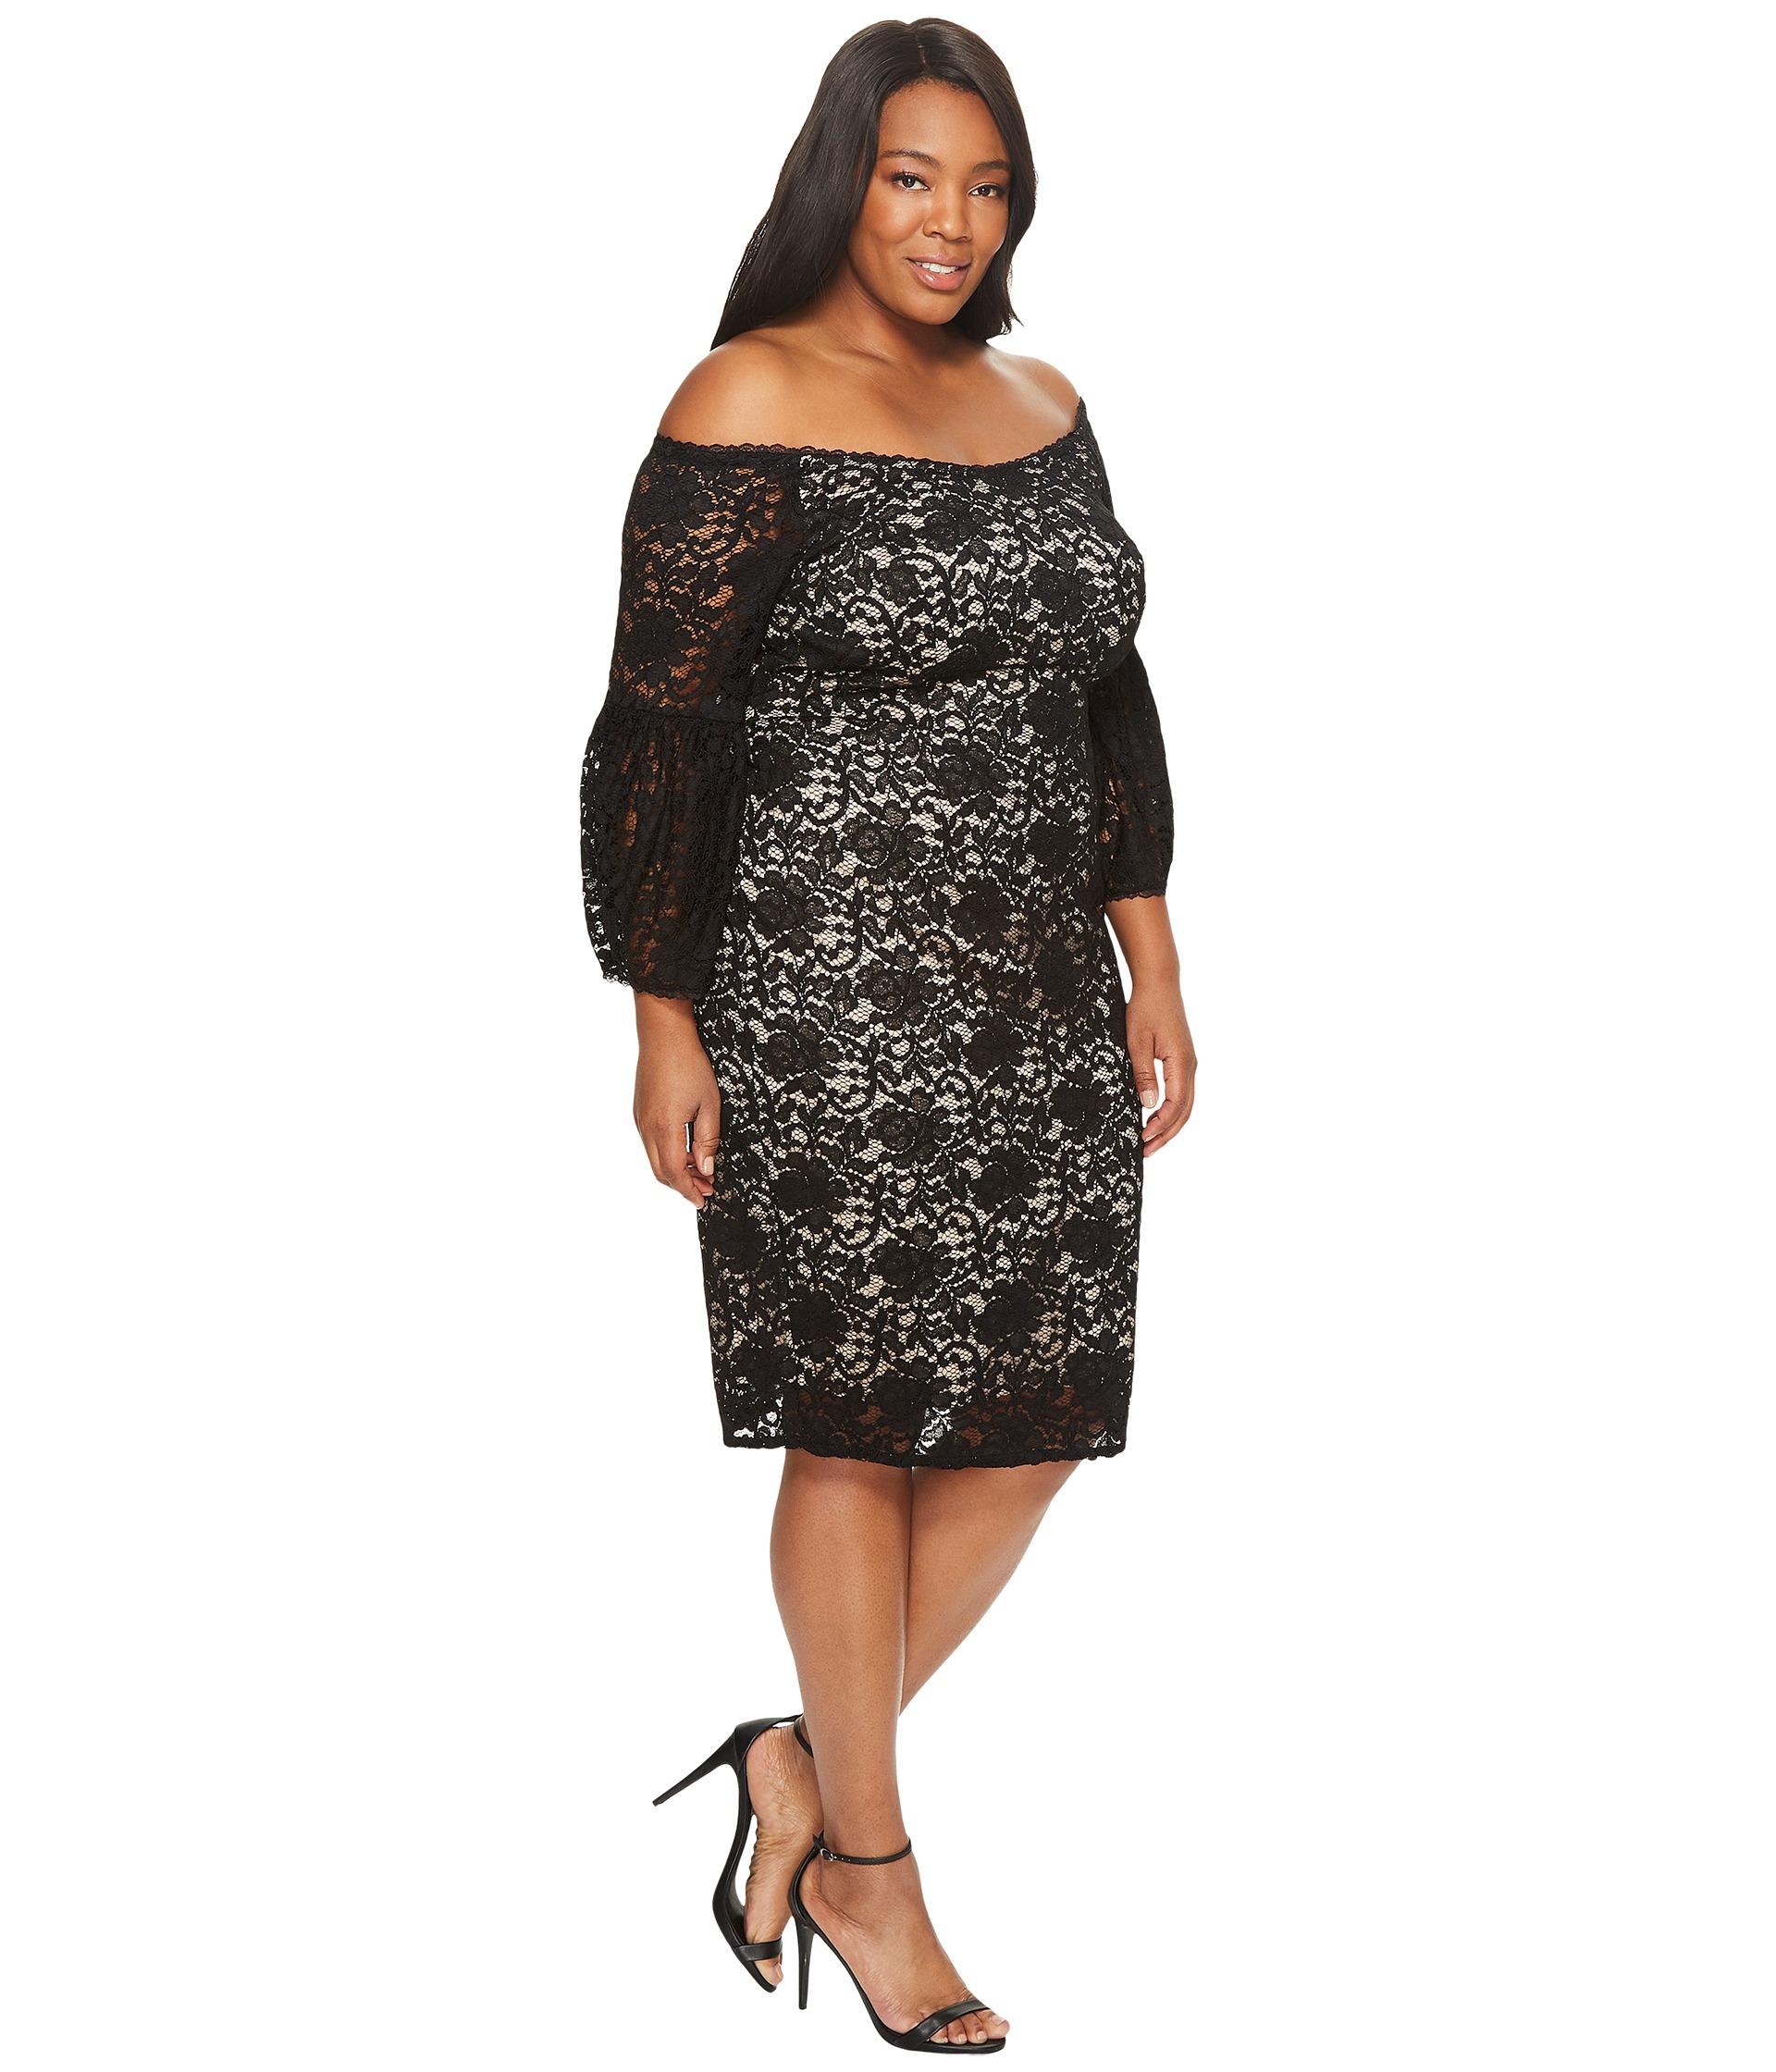 Plus Size Peplum Dress 4x Y 1 Fashion Plus Dress